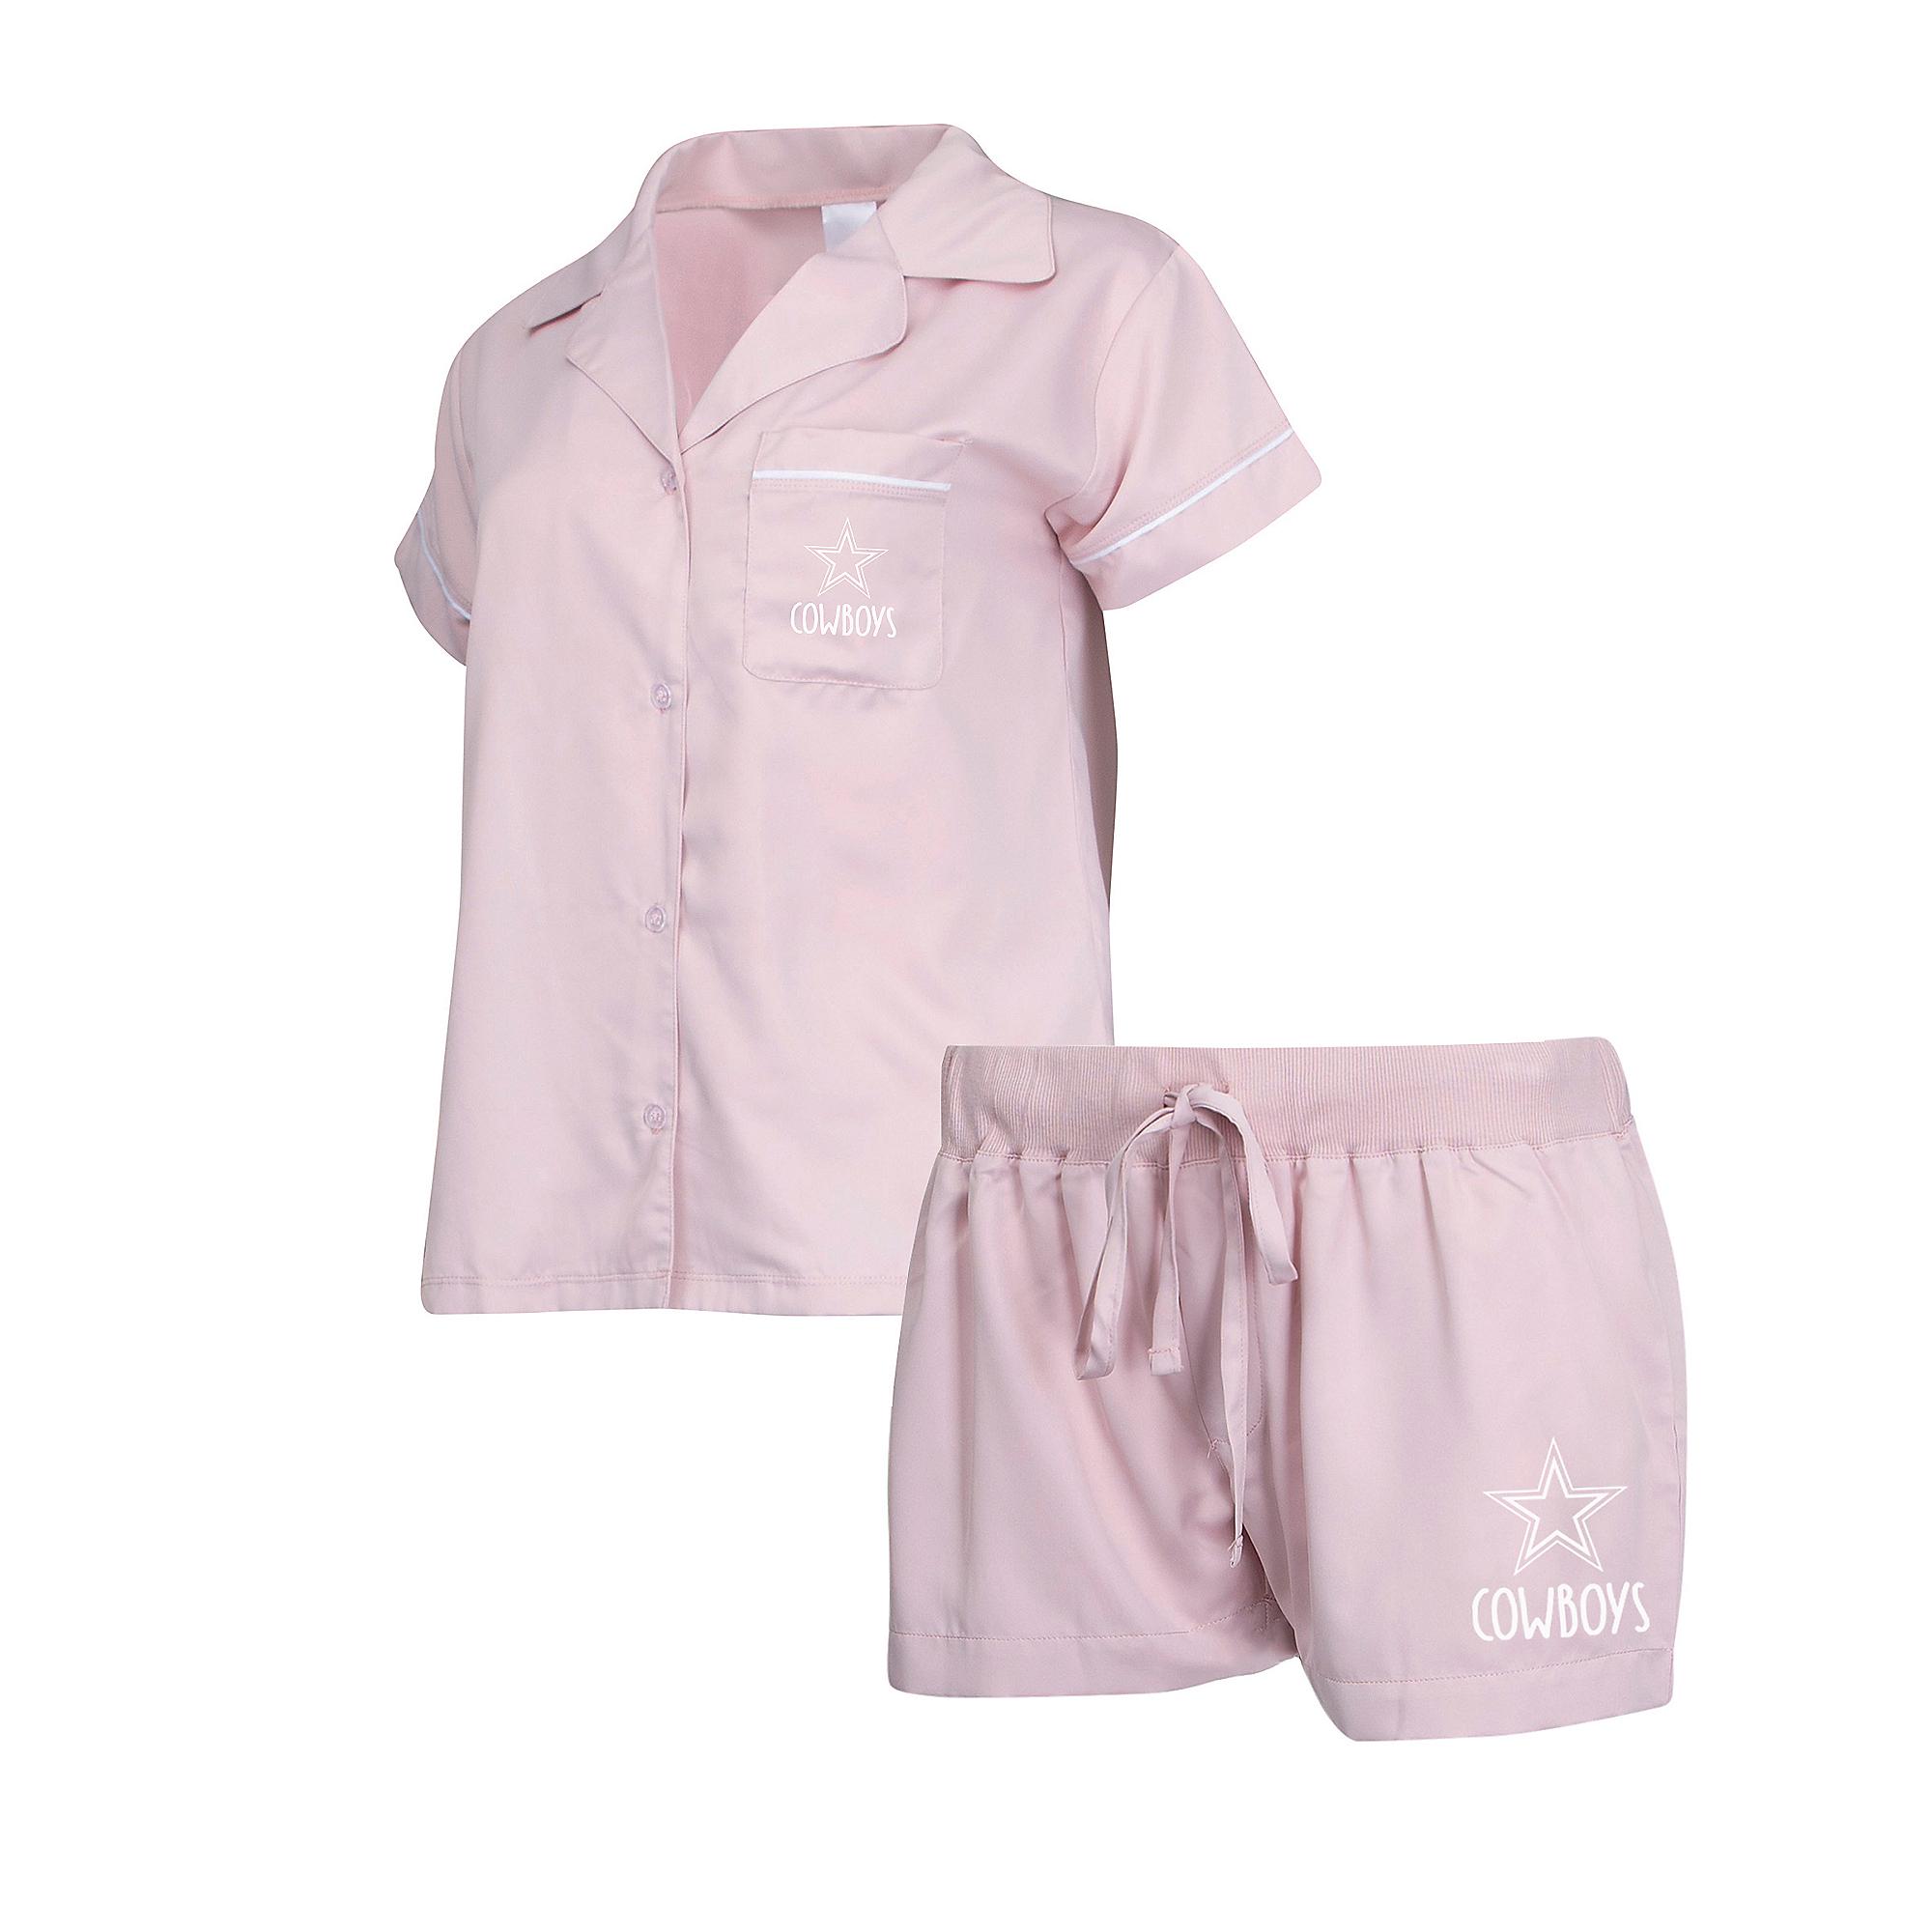 Dallas Cowboys Womens Ivory Shirt and Satin Short Pajama Set